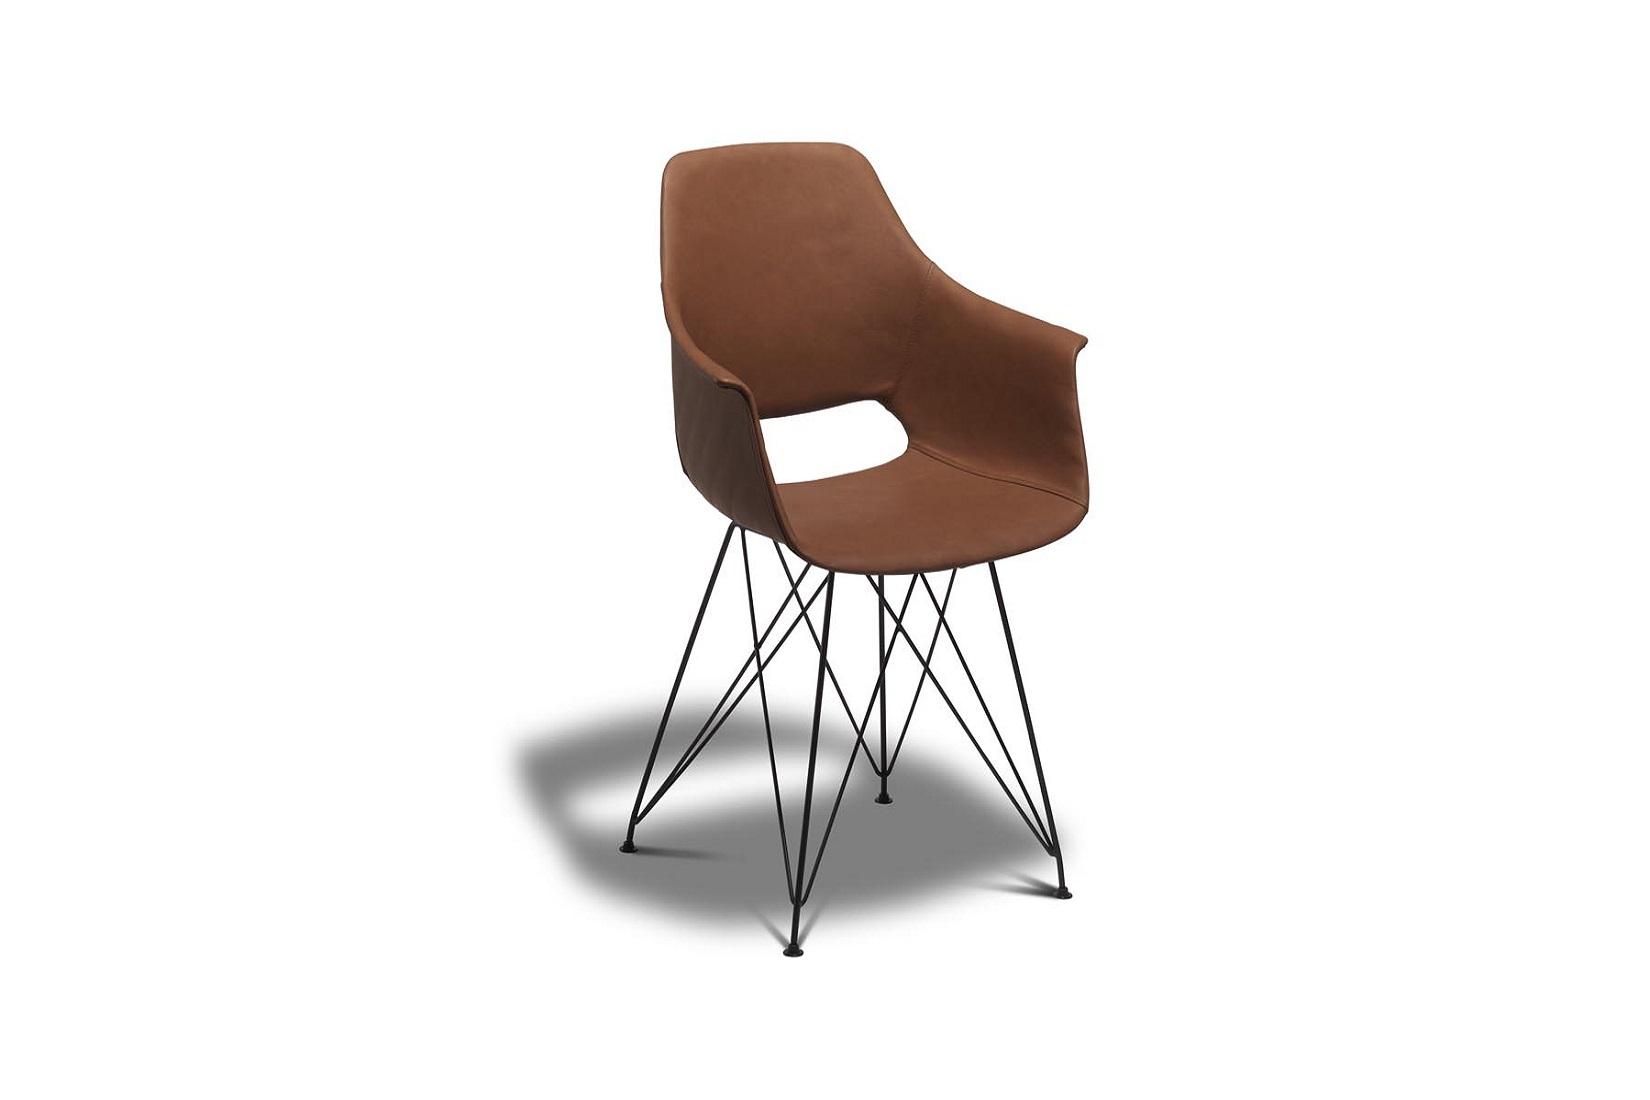 Jídelní židle Aban, světlehnědá